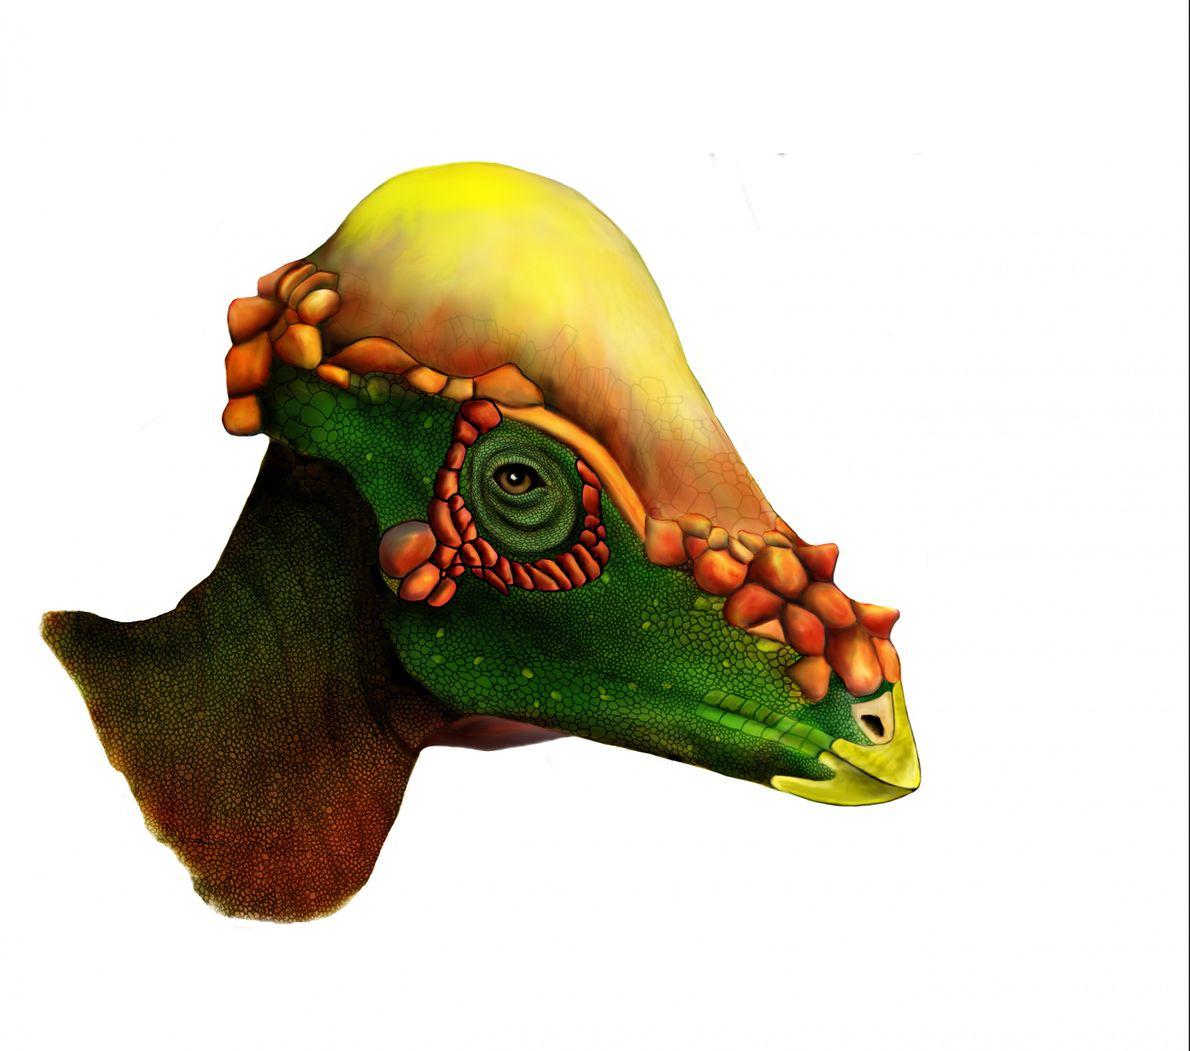 Ein ausgewachsener und vermutlich geschlechtsreifer Pachycephalosaurus hatte eine breitere Schädelwölbung. Die schmückenden Elemente an der Hinterseite …